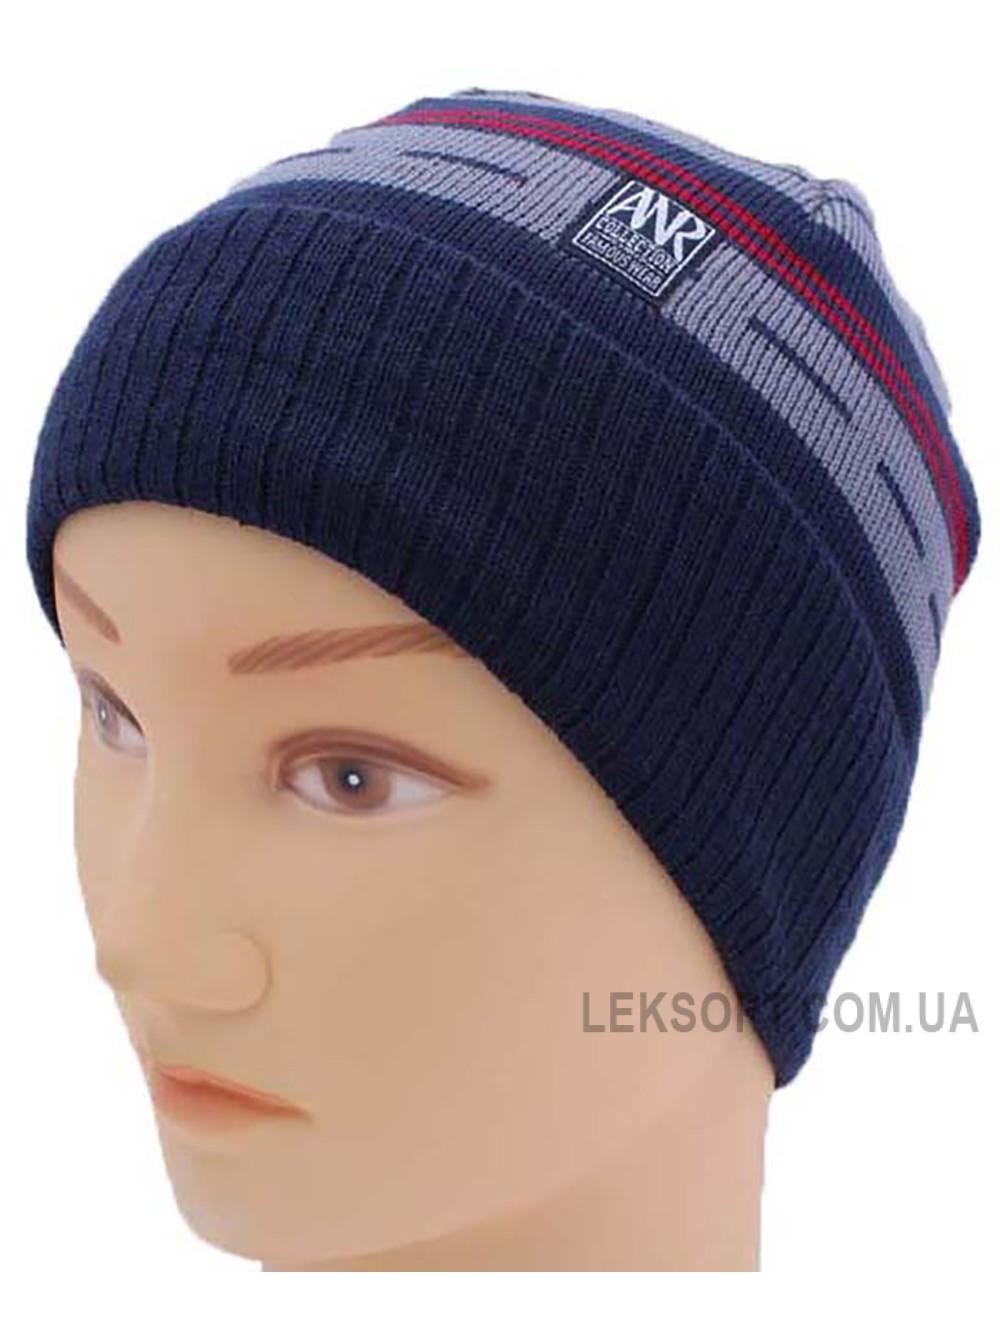 Детская вязаная шапка 118116-52-54